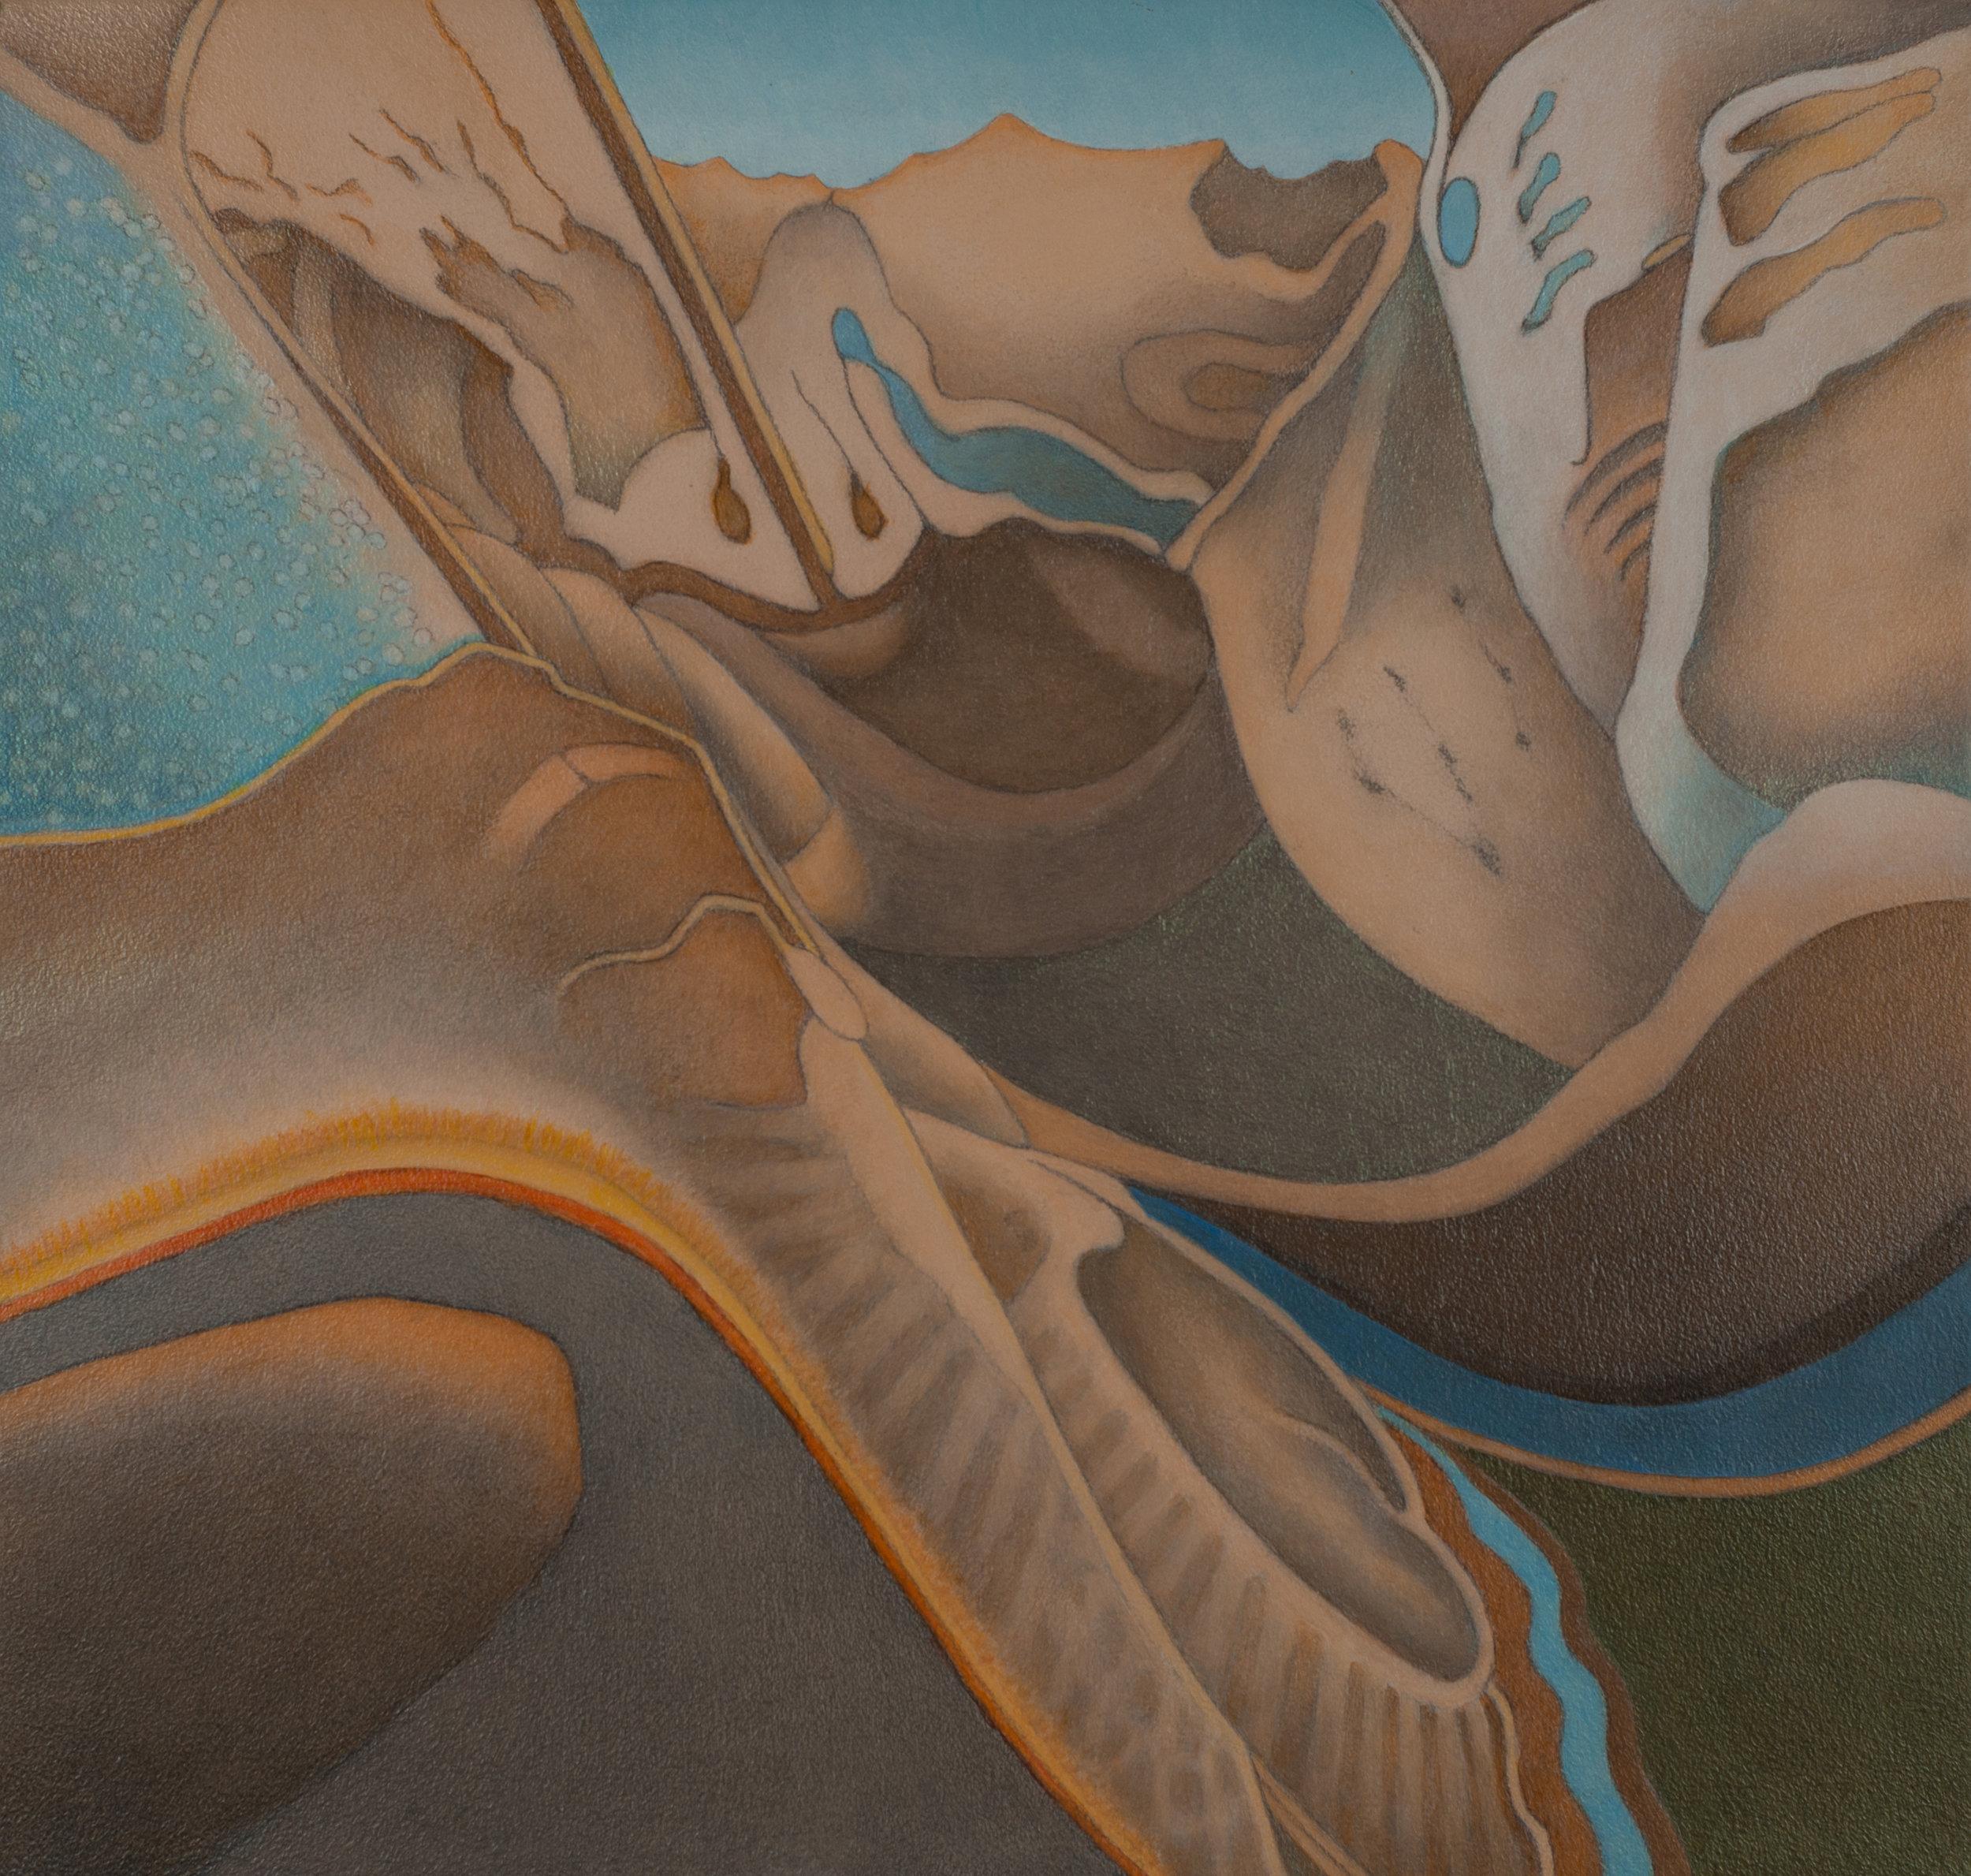 Geological Metamorphosis #2,  acrylic on wood, image: 16x16in, 2017